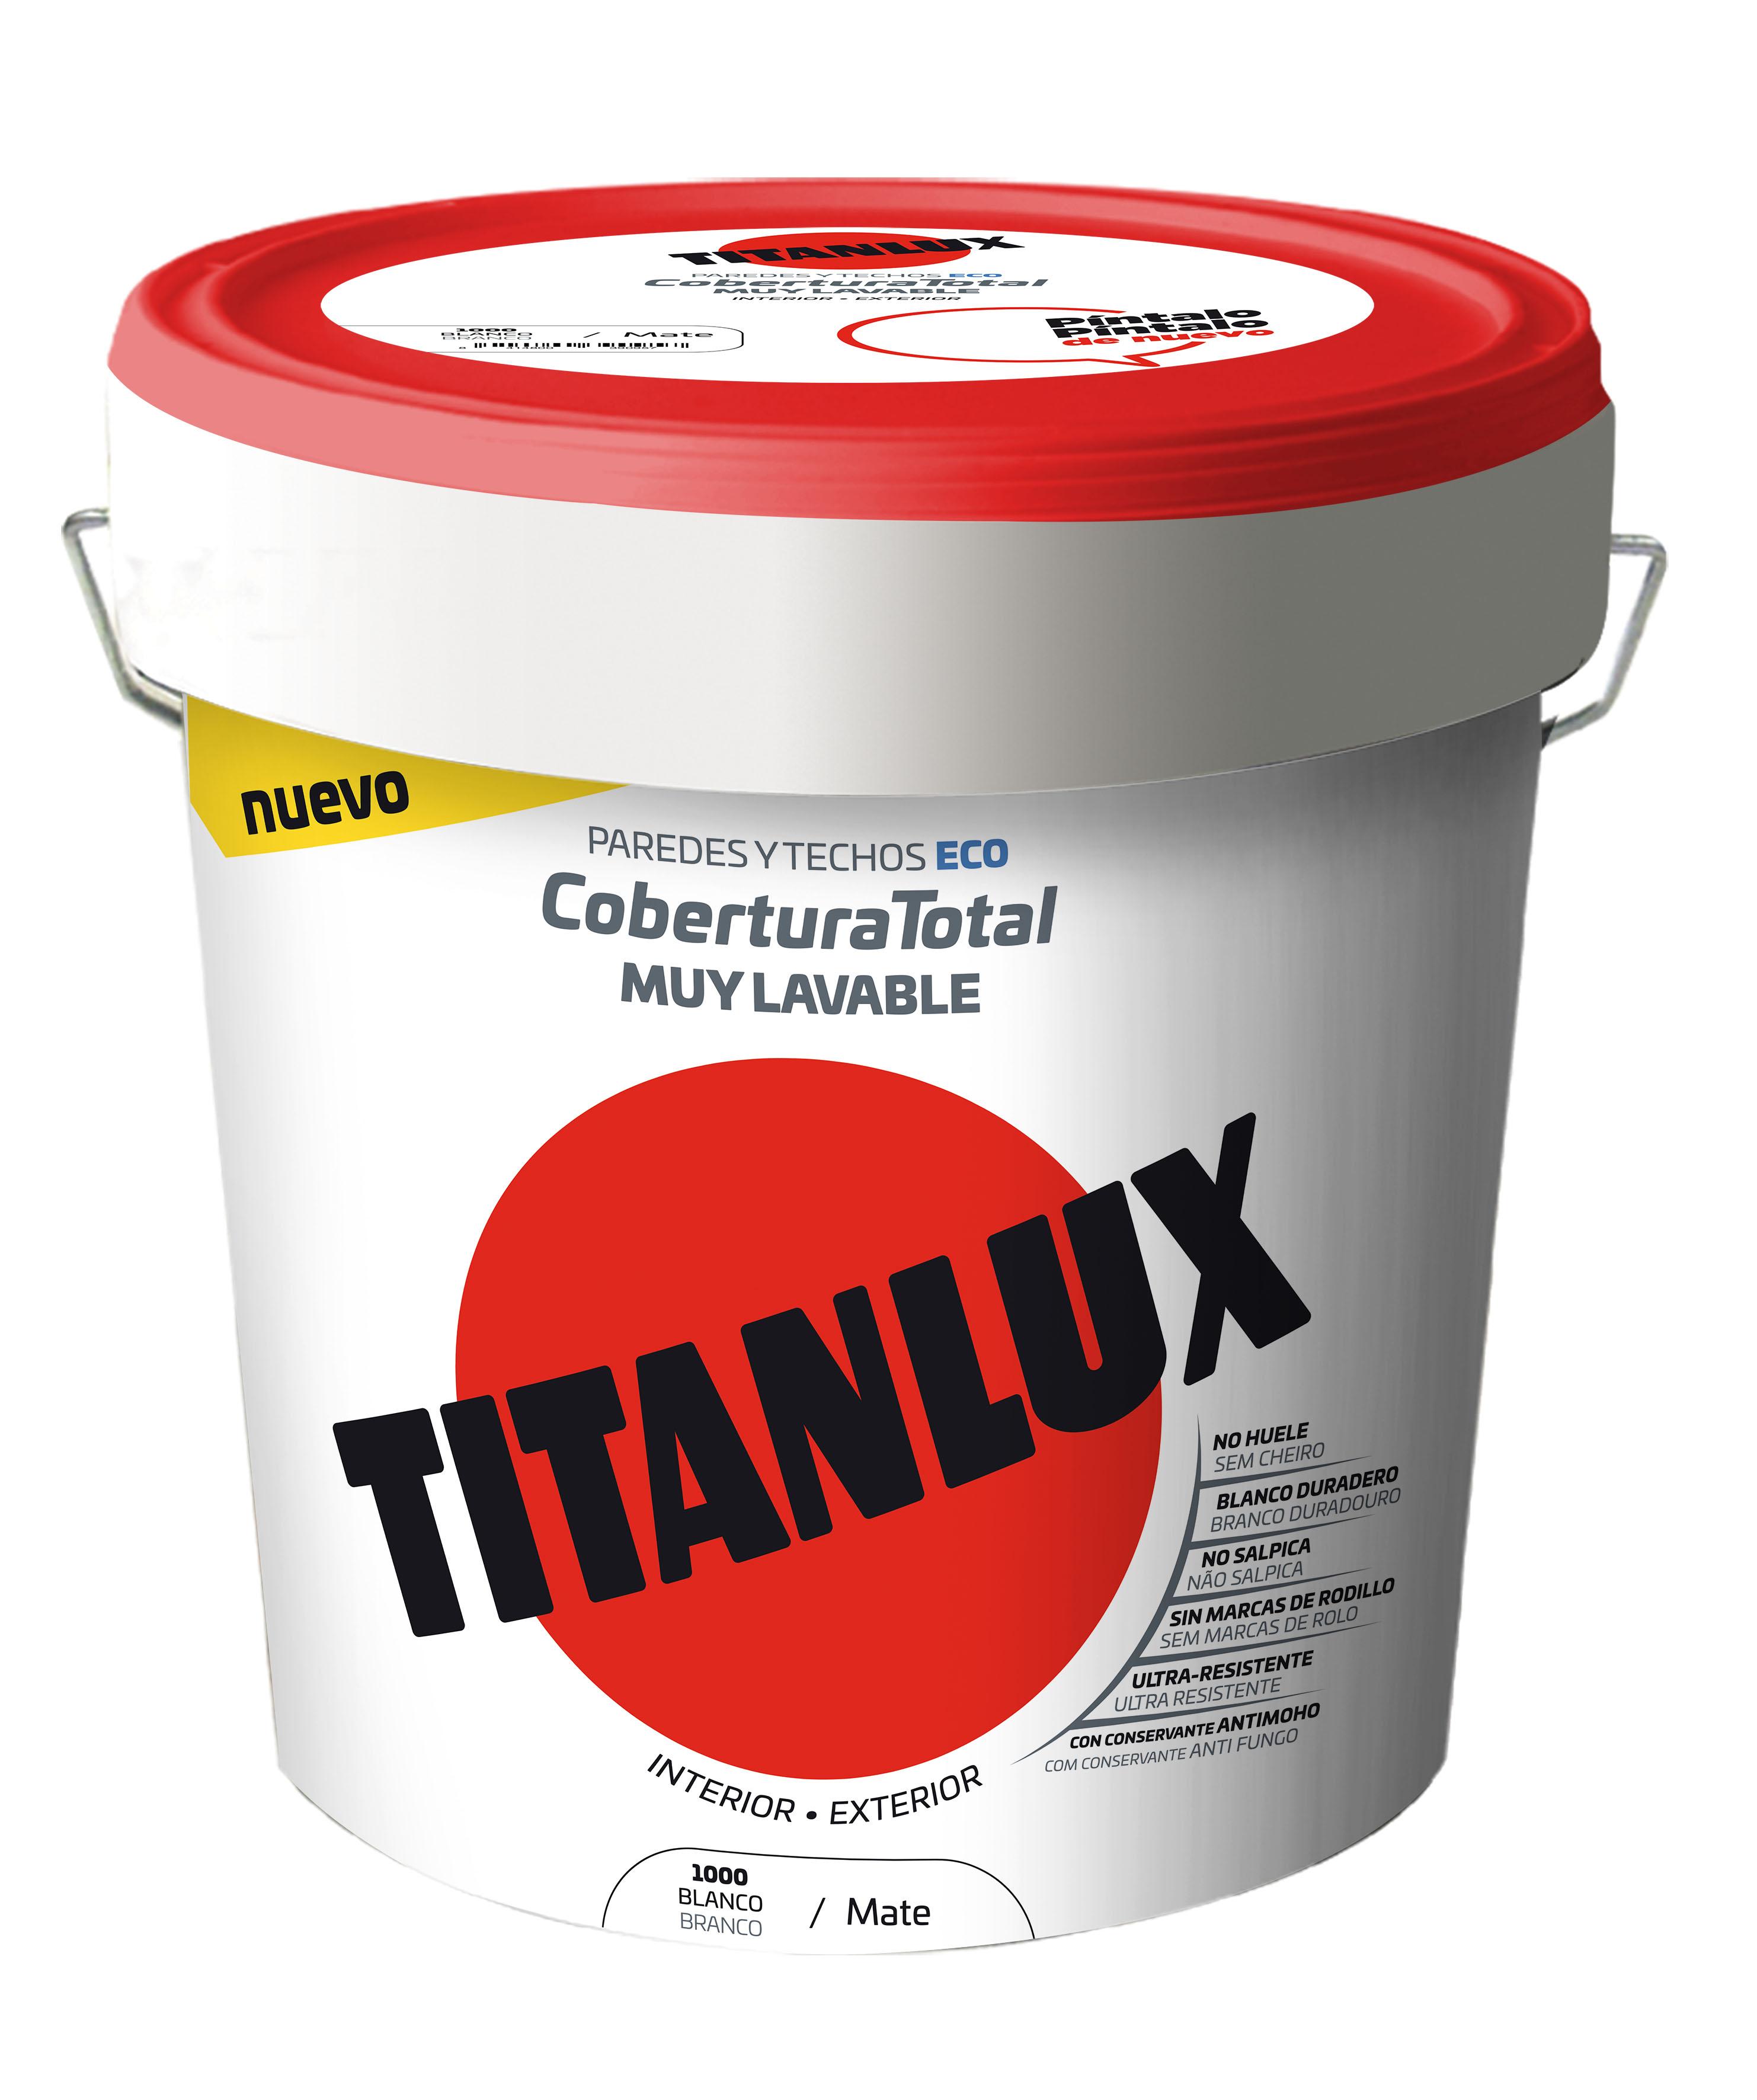 TITANLUX COBERTURA TOTAL -BIDÓN-.